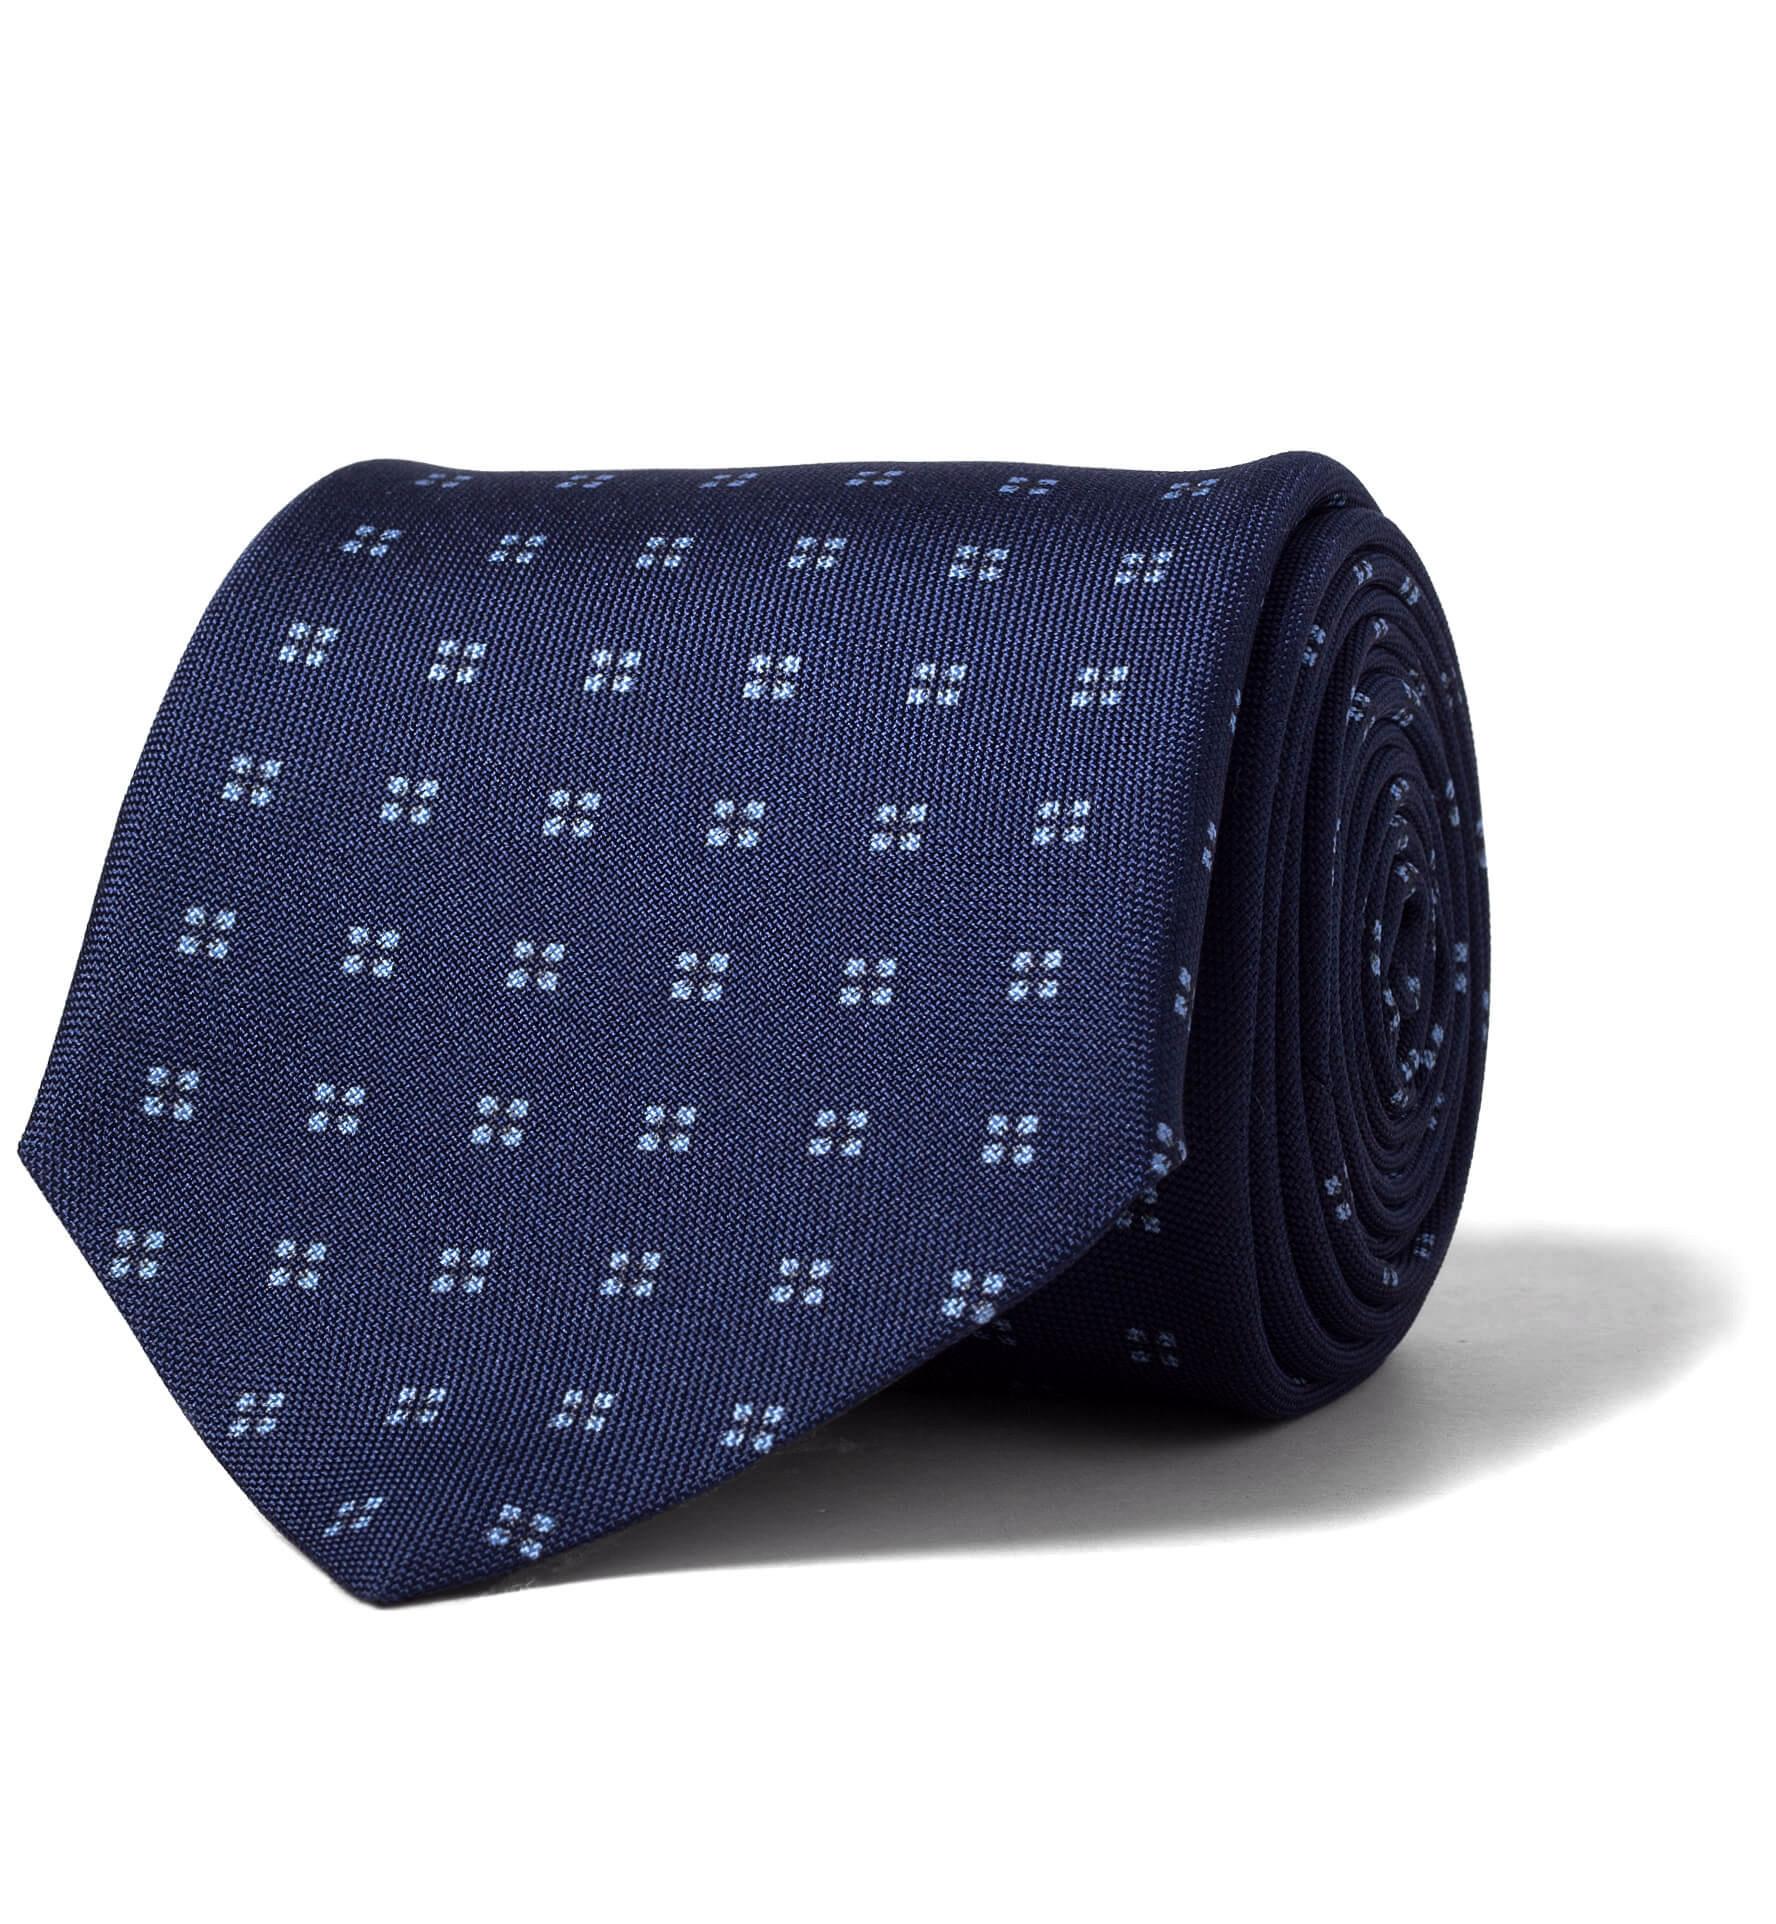 Zoom Image of Navy Printed Silk Tie